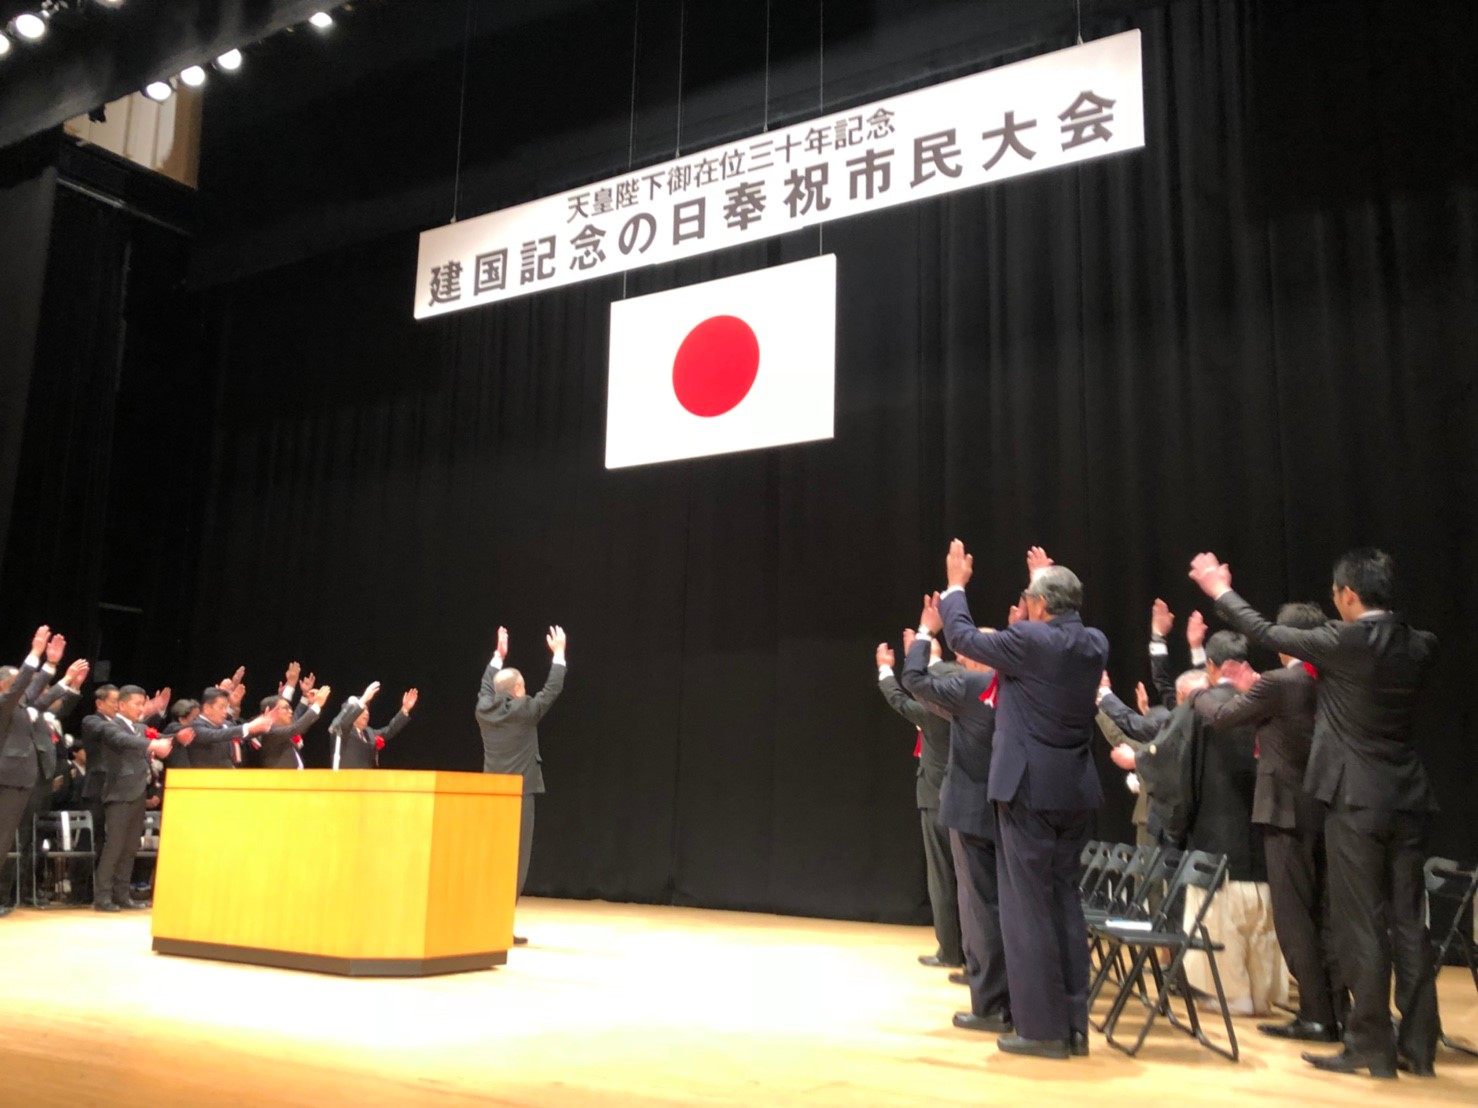 建国記念の日奉祝市民大会